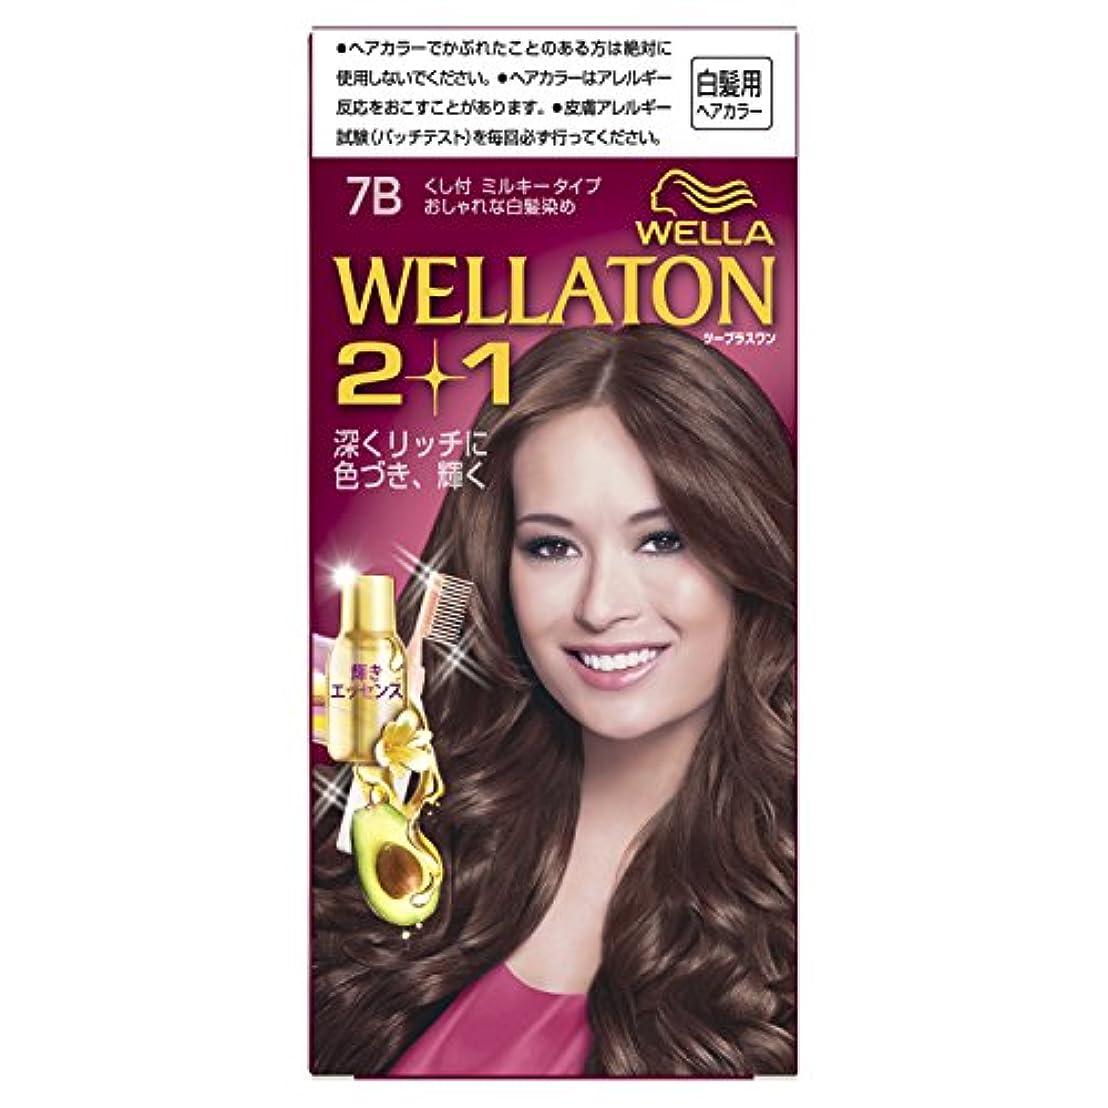 ウエラトーン2+1 くし付ミルキータイプ 7B [医薬部外品](おしゃれな白髪染め)